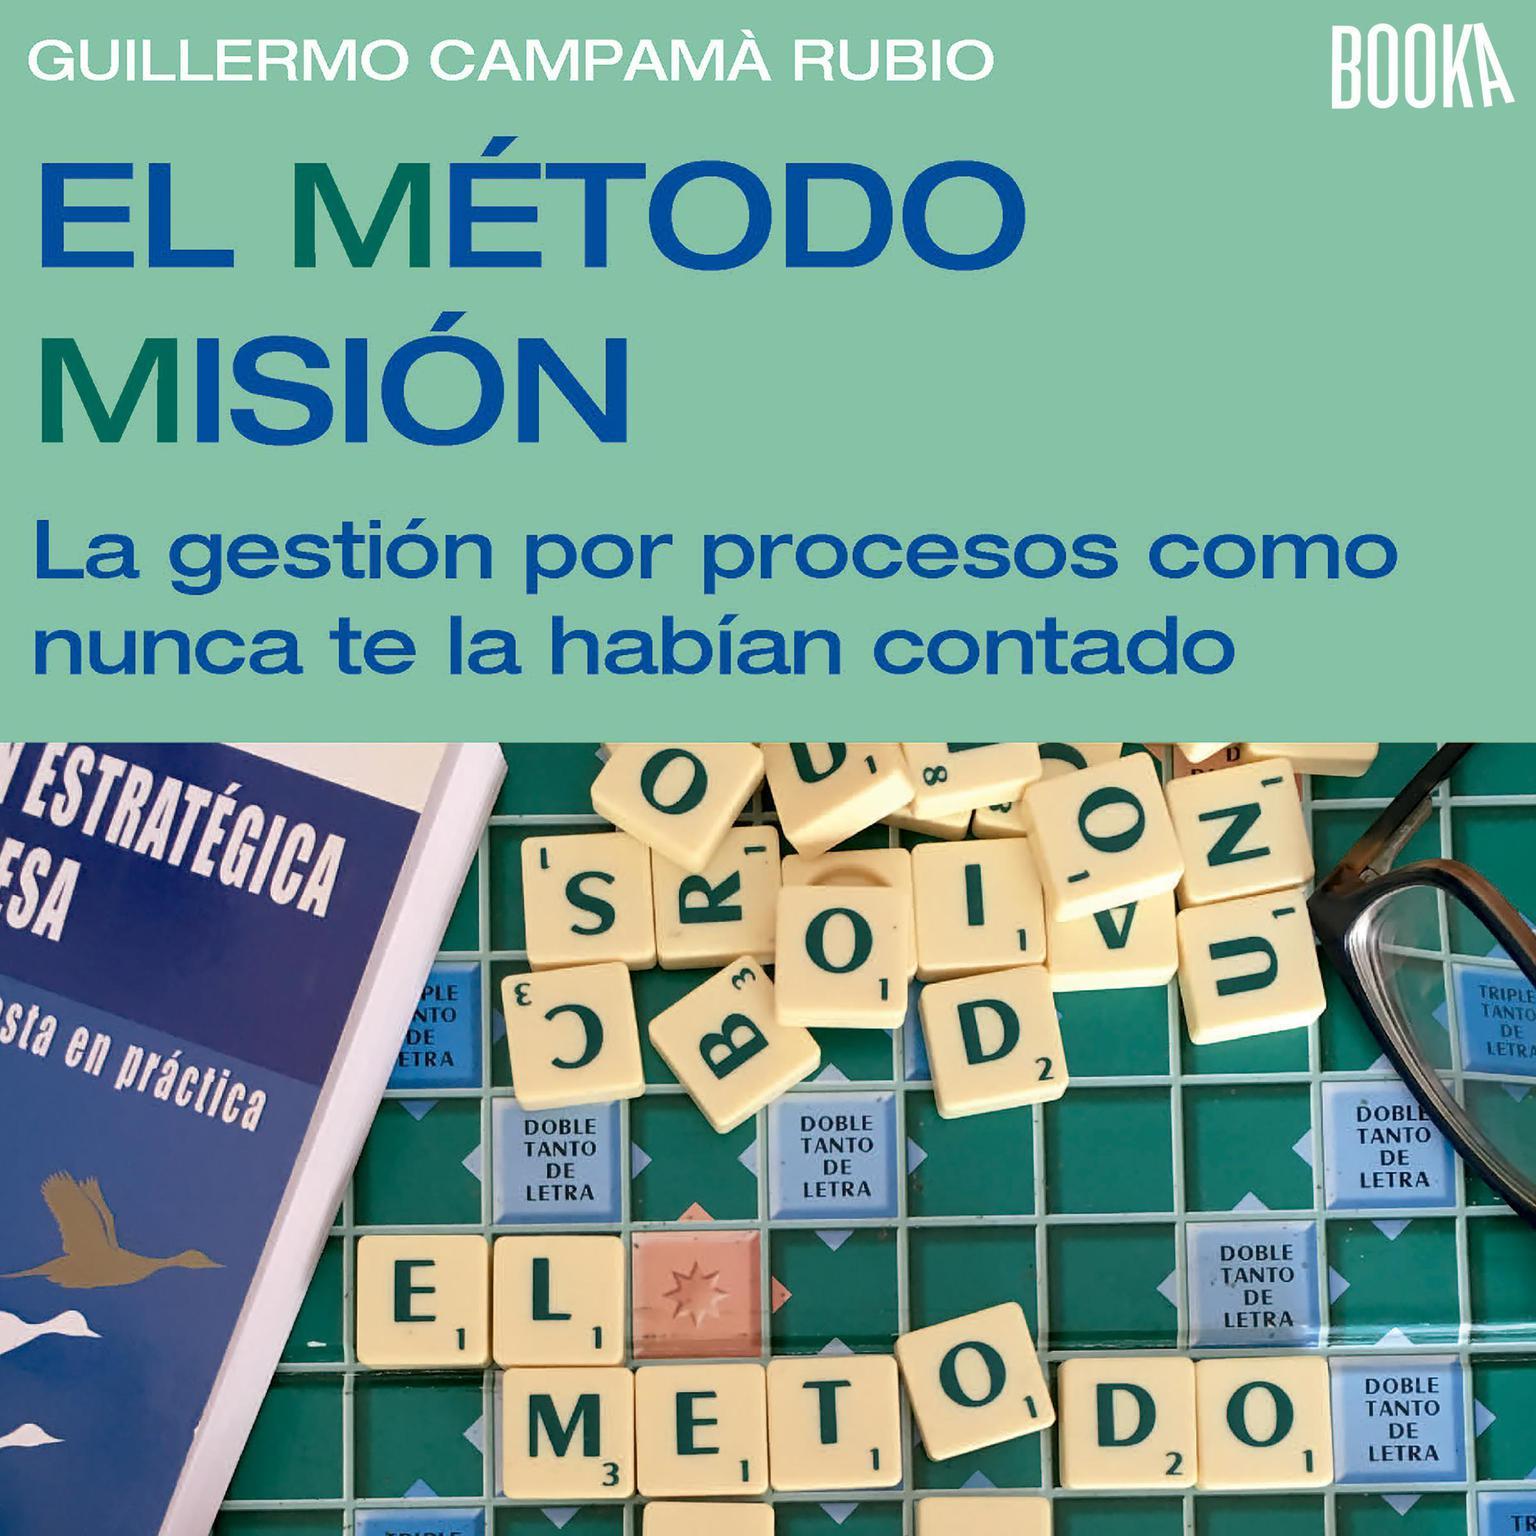 El metodo mision: La gestion de procesos como nunca te la habian contado Audiobook, by Guillermo Campama Rubio